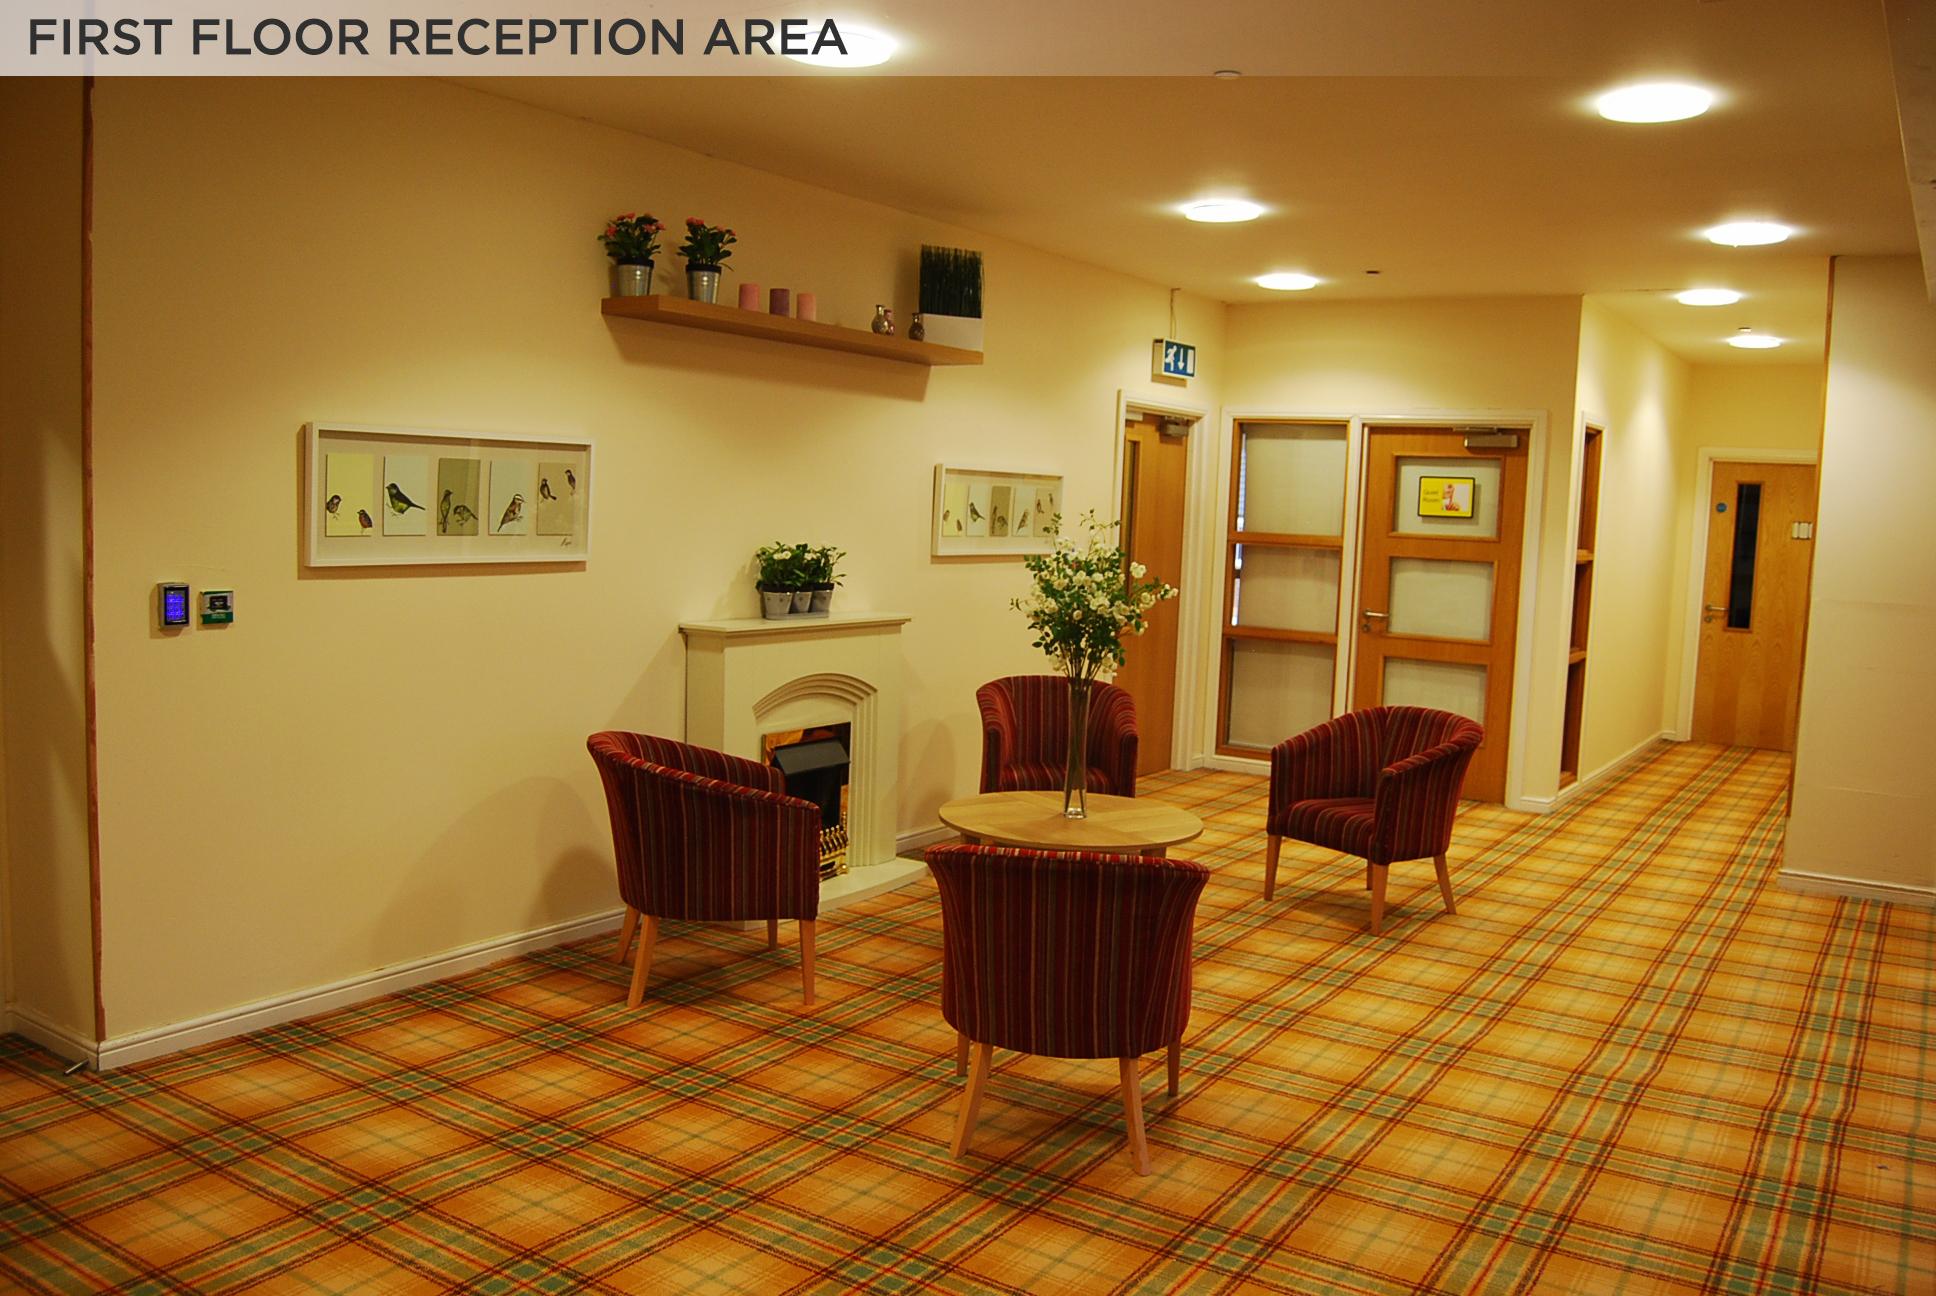 rosaburn_reception_area3